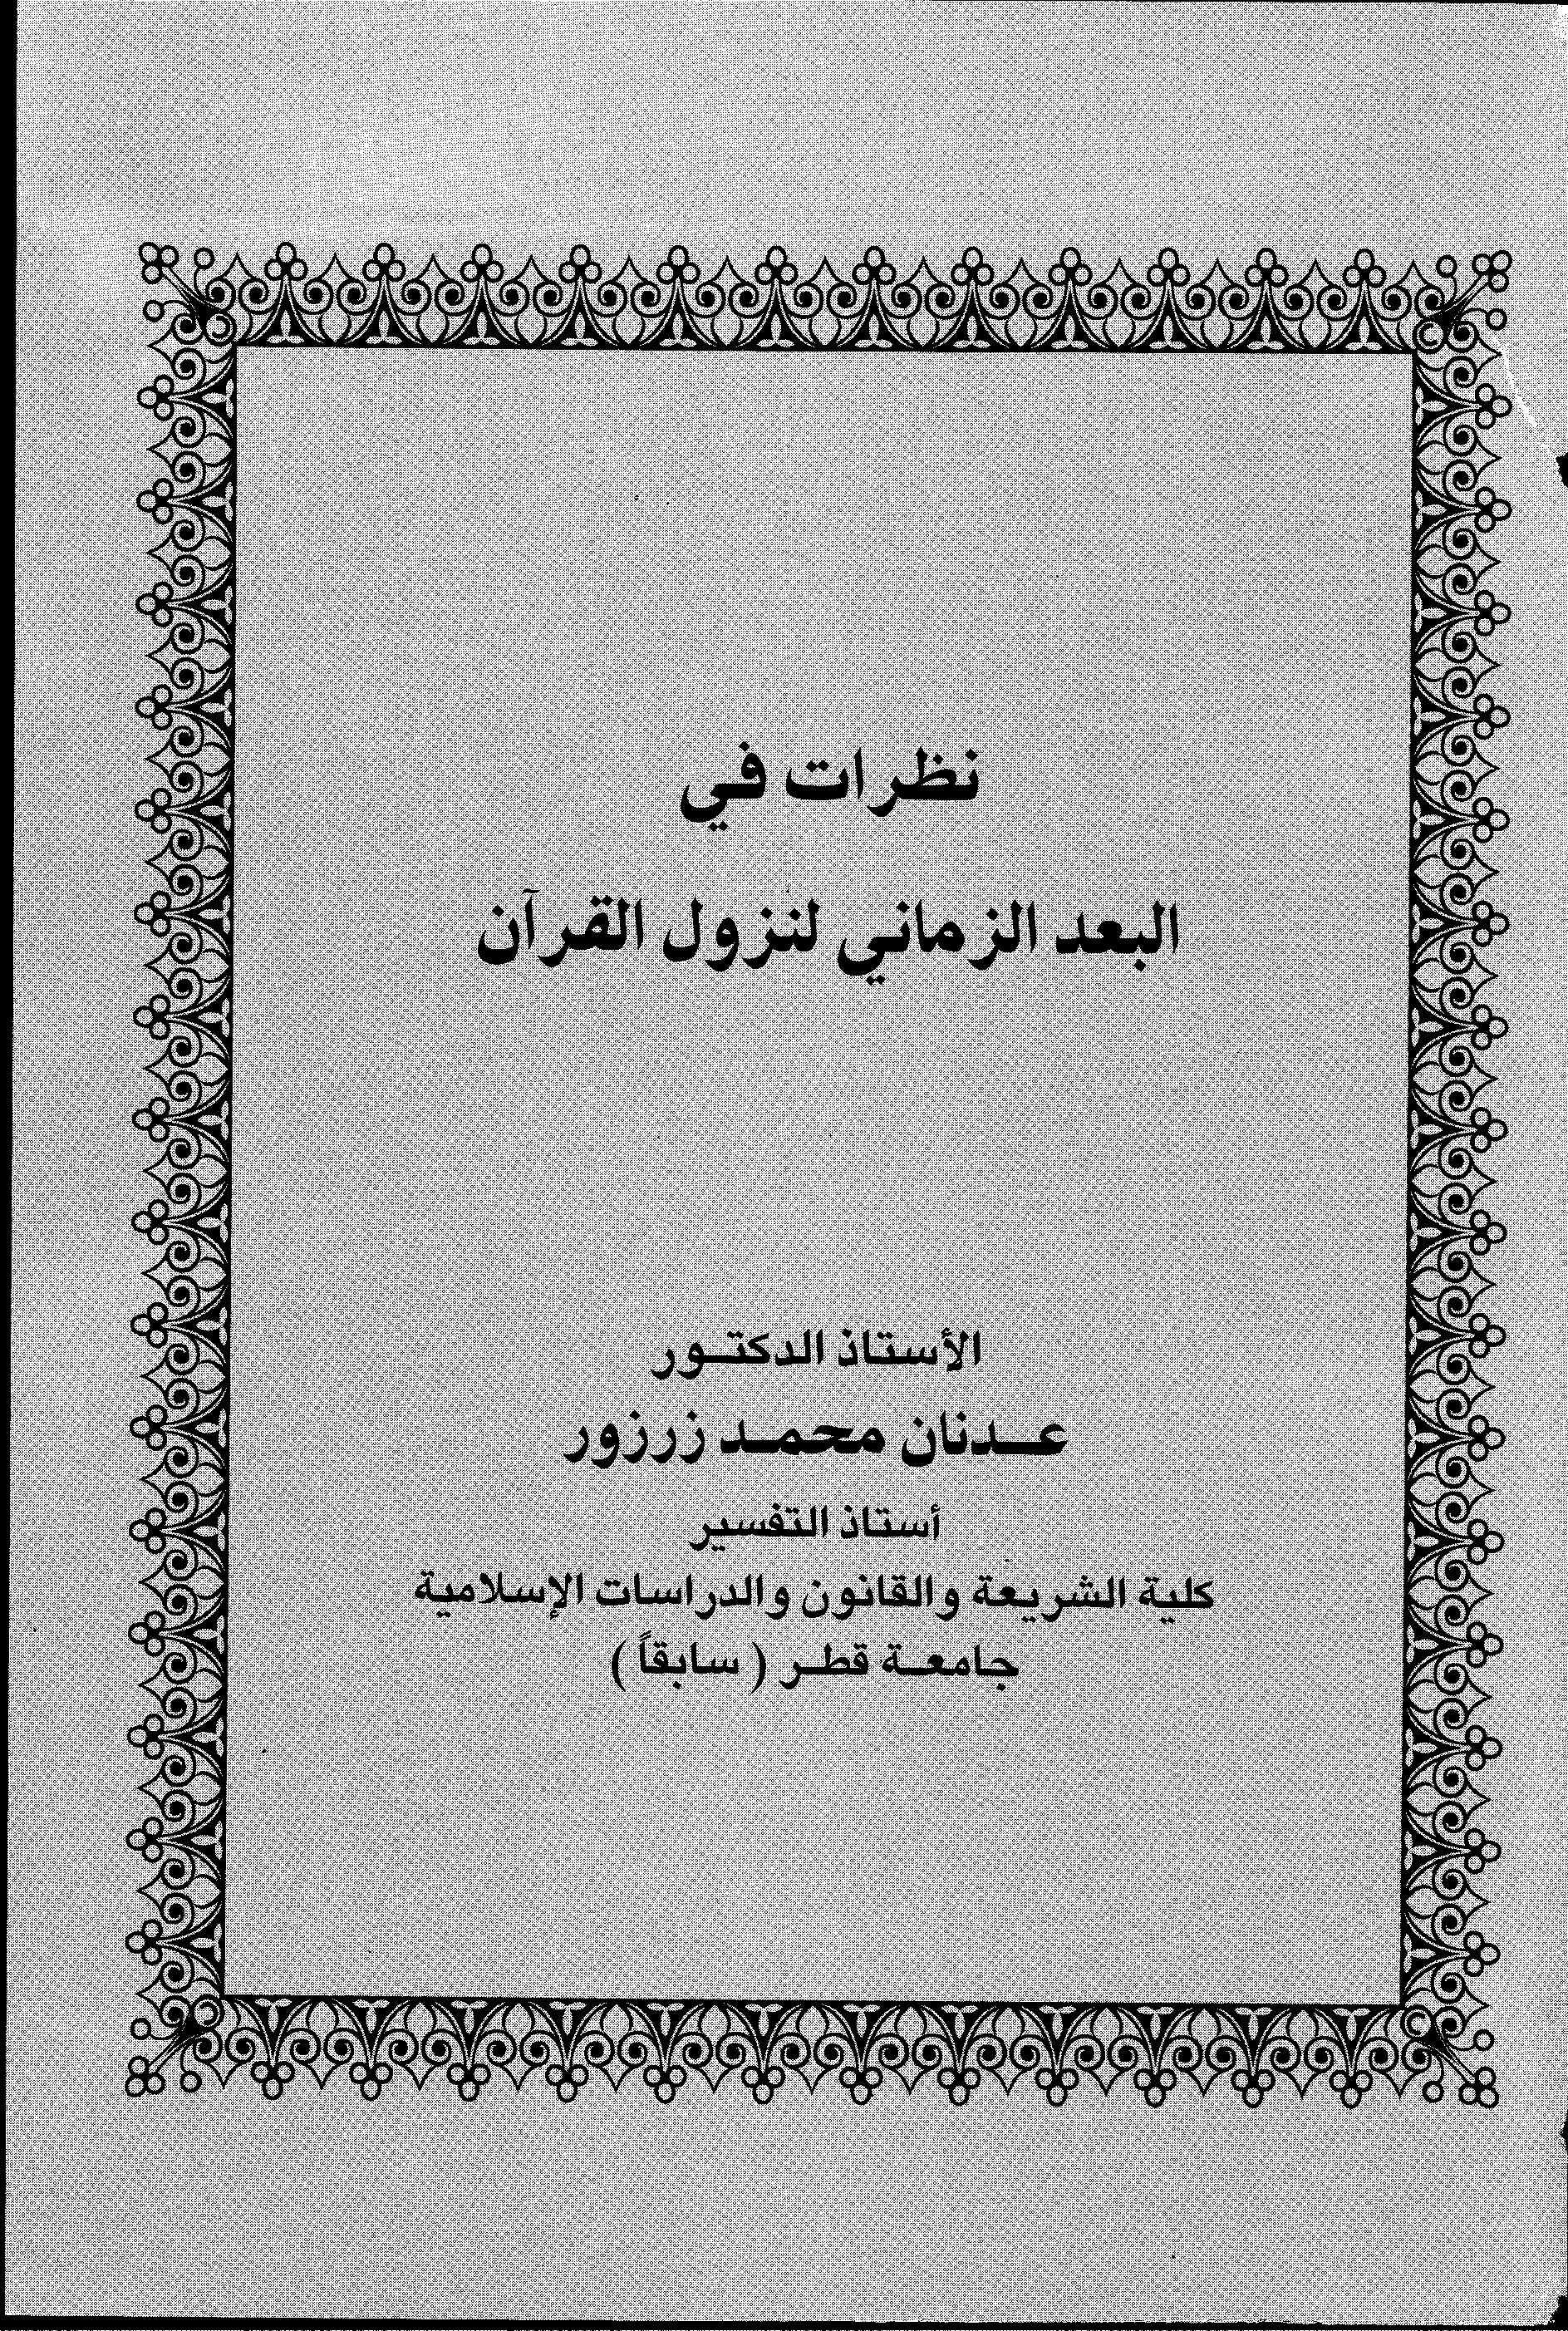 تحميل كتاب نظرات في البعد الزماني لنزول القرآن لـِ: الدكتور عدنان محمد زرزور